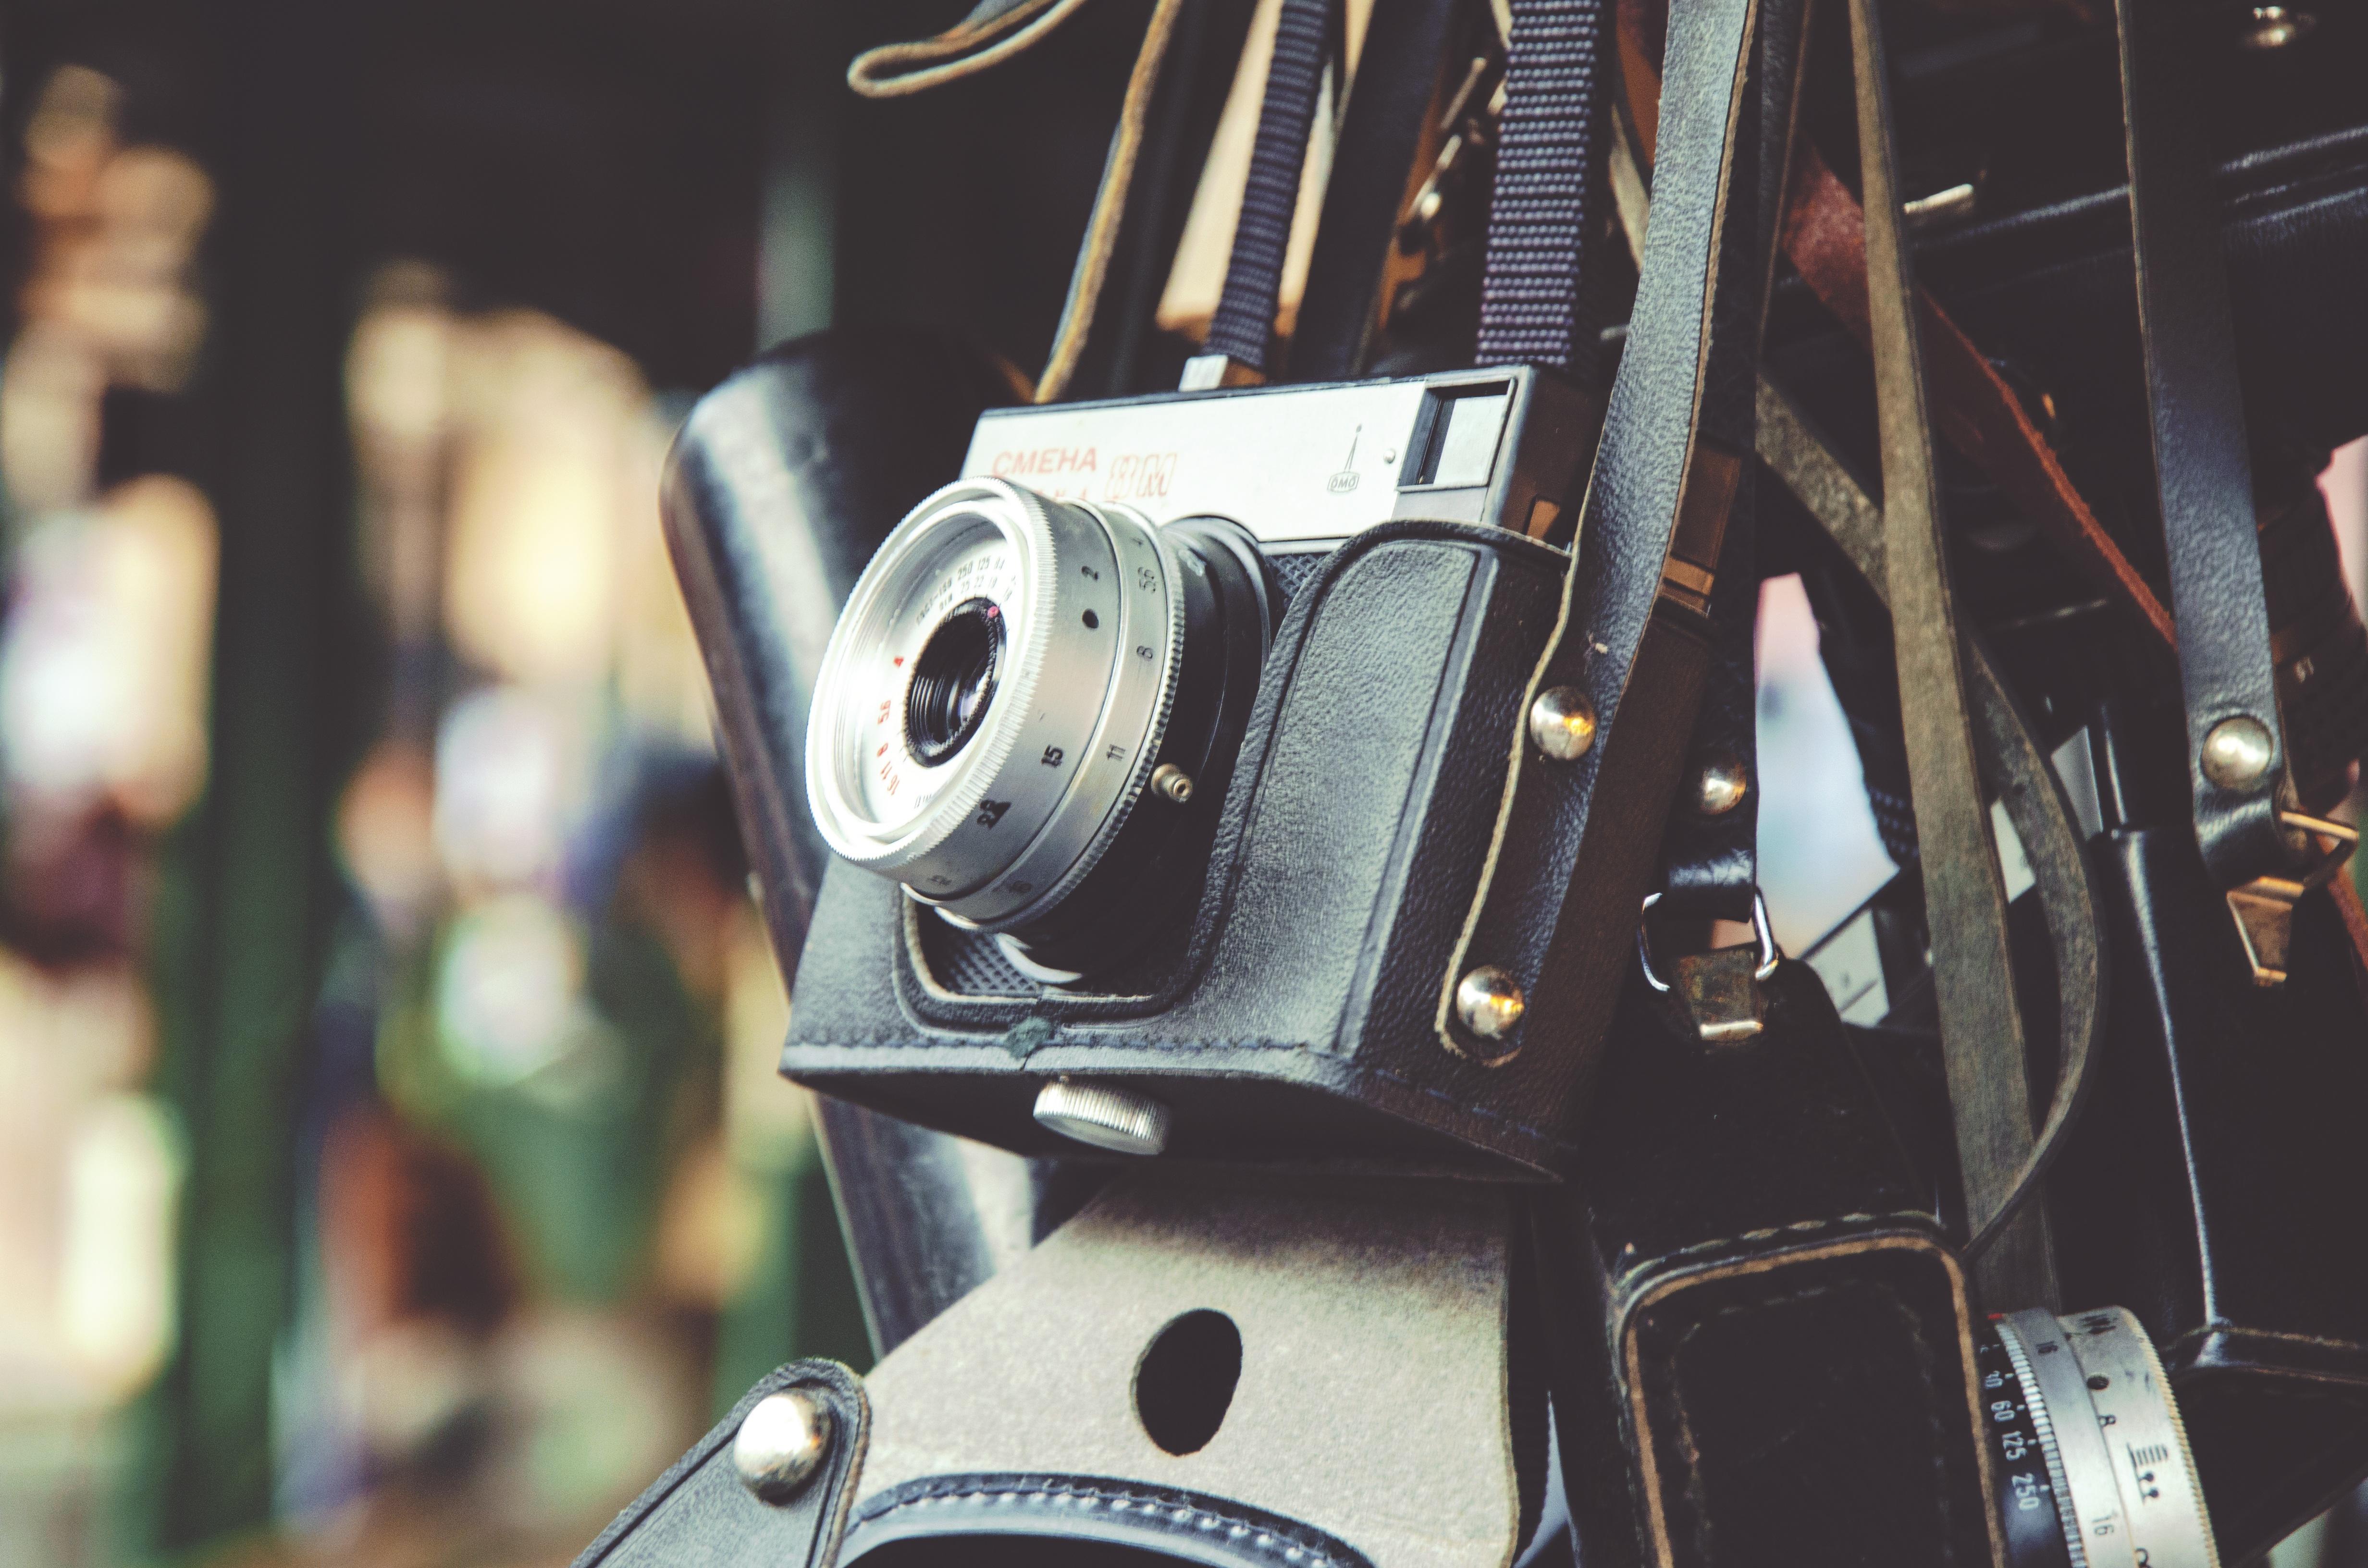 Camera Kit, Photograph, Lens, Kit, Capture, HQ Photo